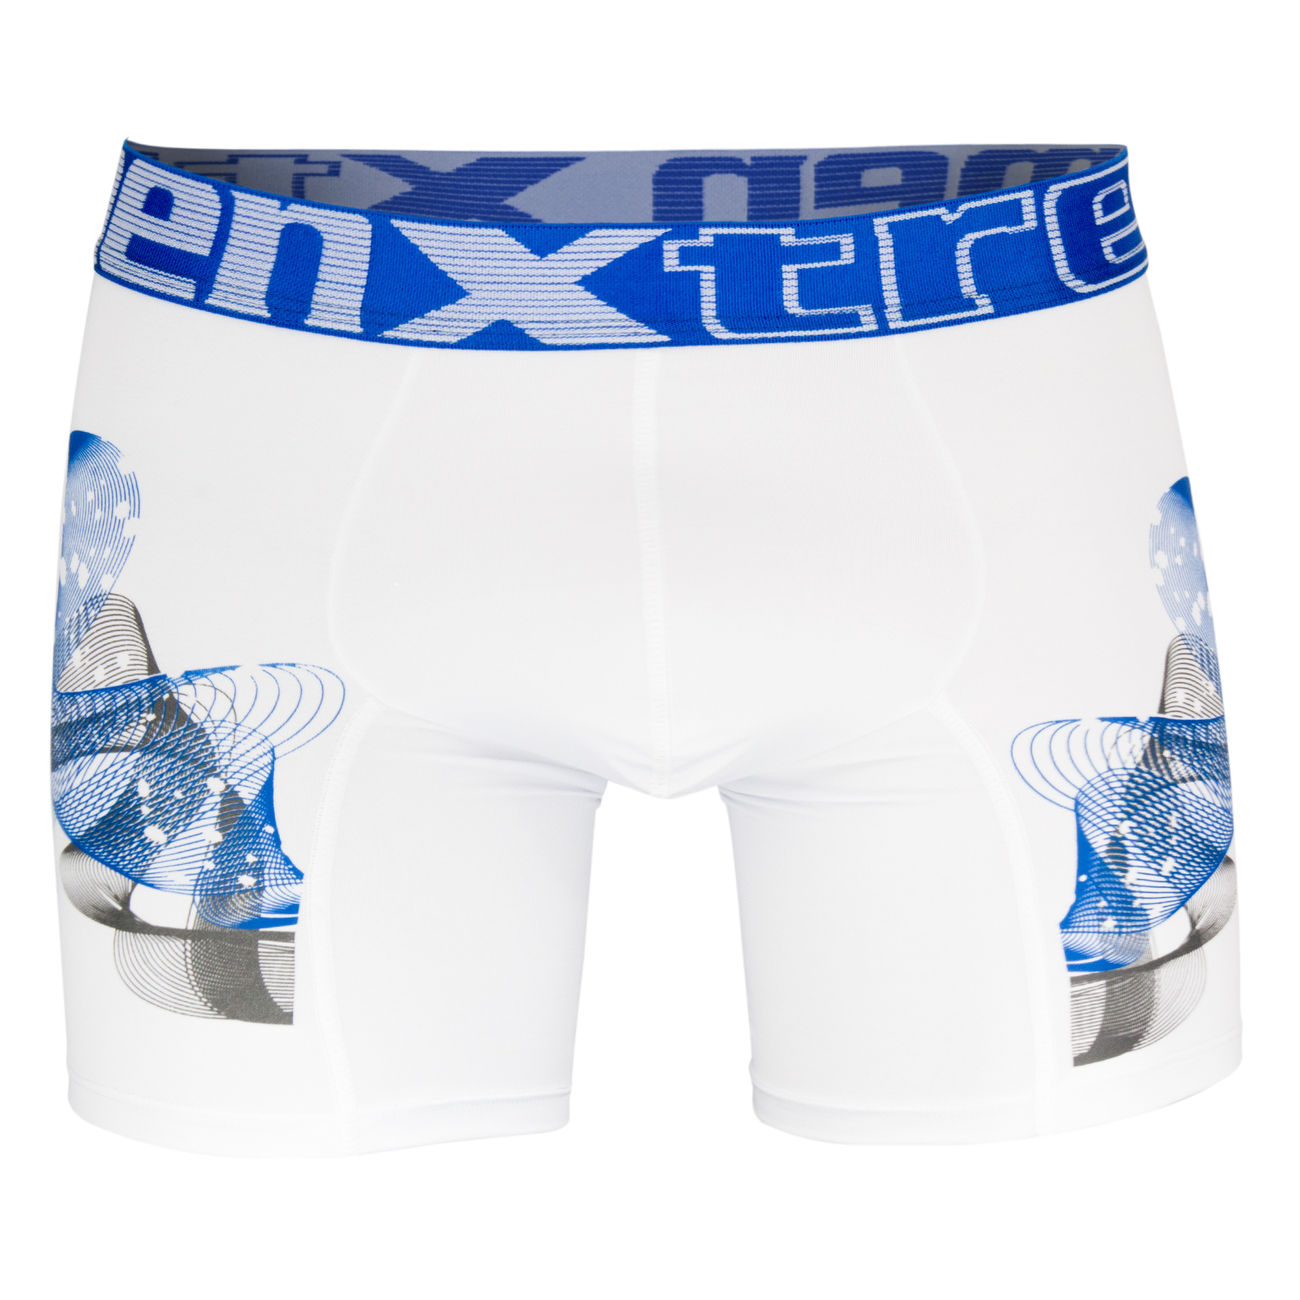 Black Xtremen Sports Junior Boxer Graffic Boy/'s Underwear